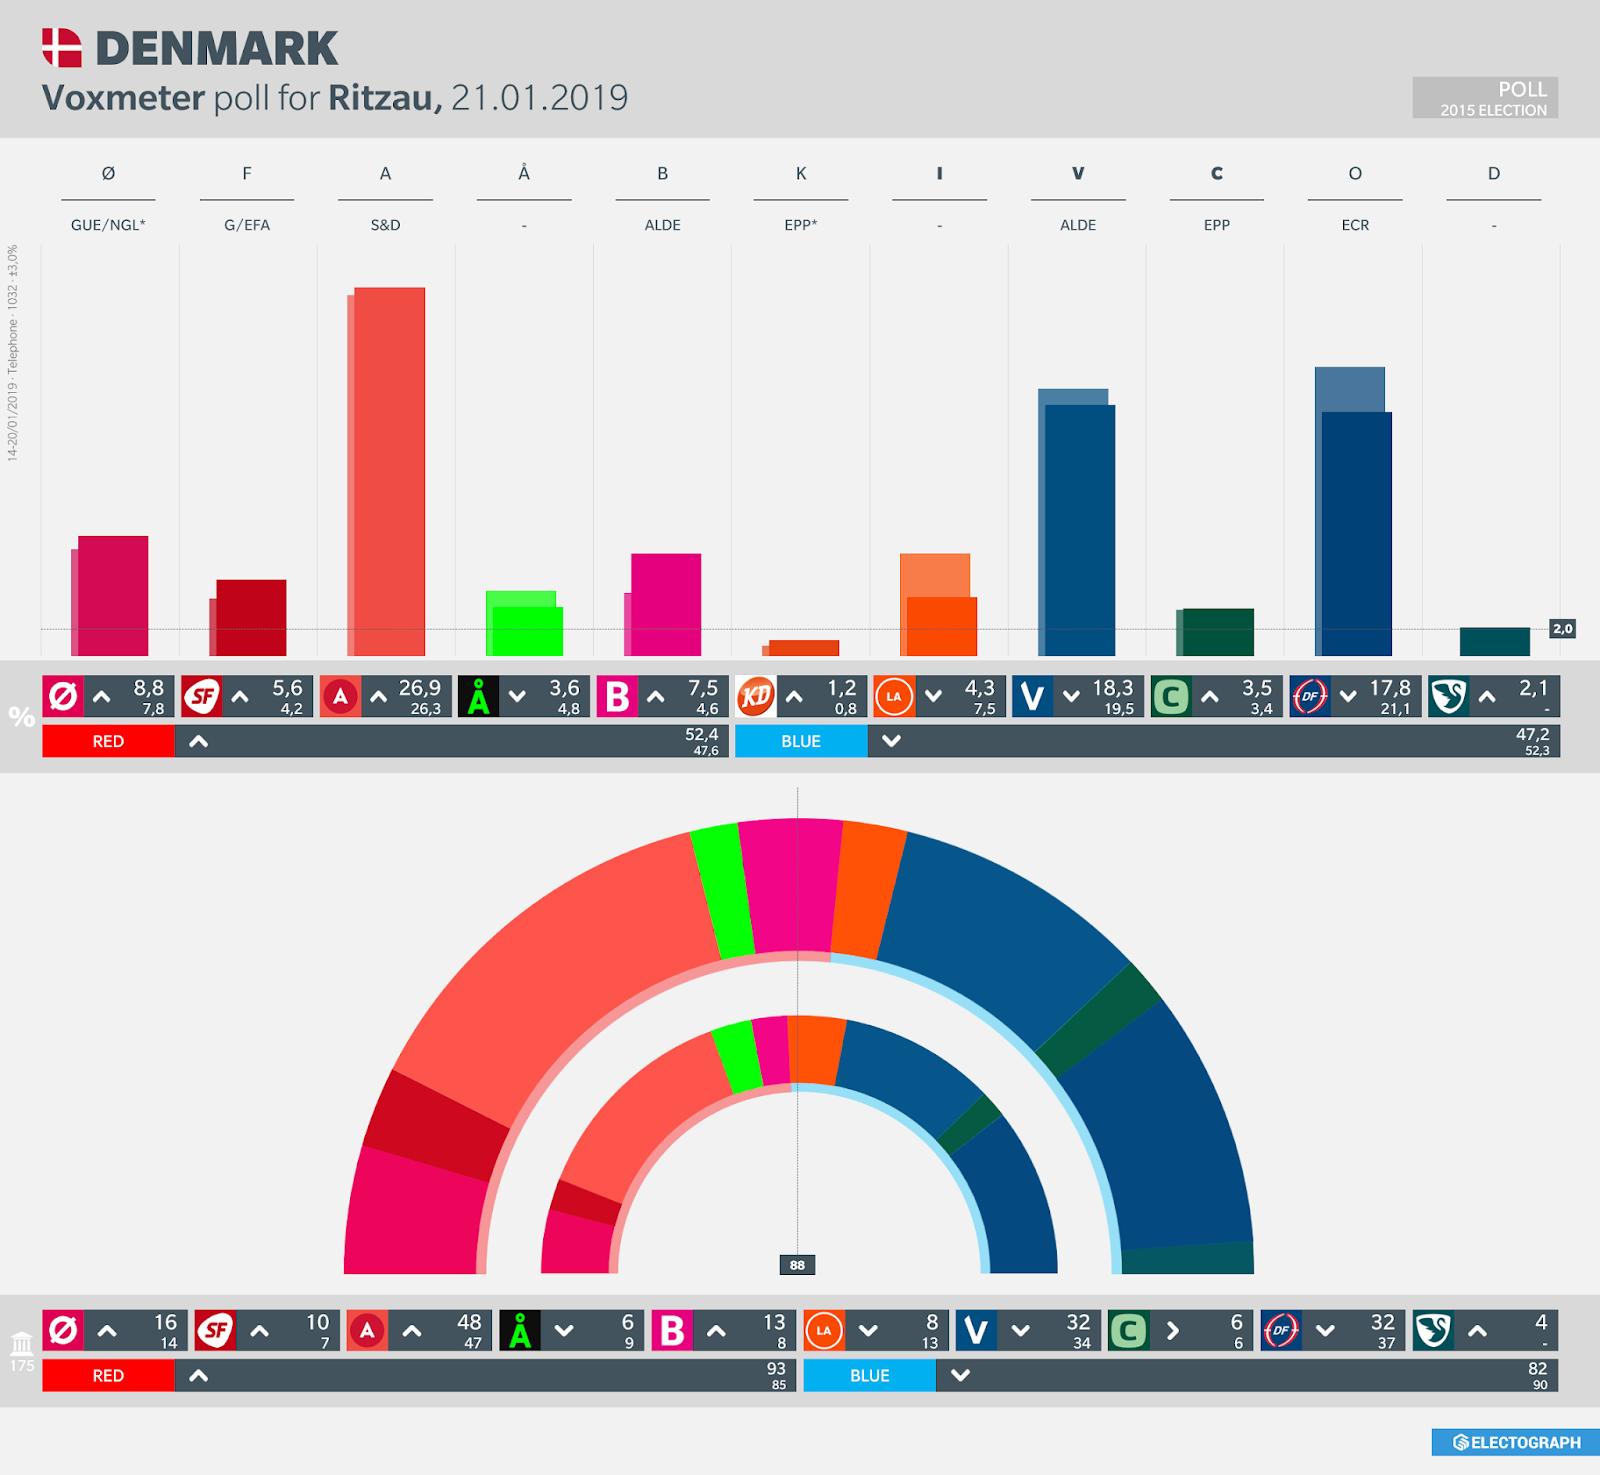 DENMARK: Voxmeter poll chart for Ritzau, 21 January 2019